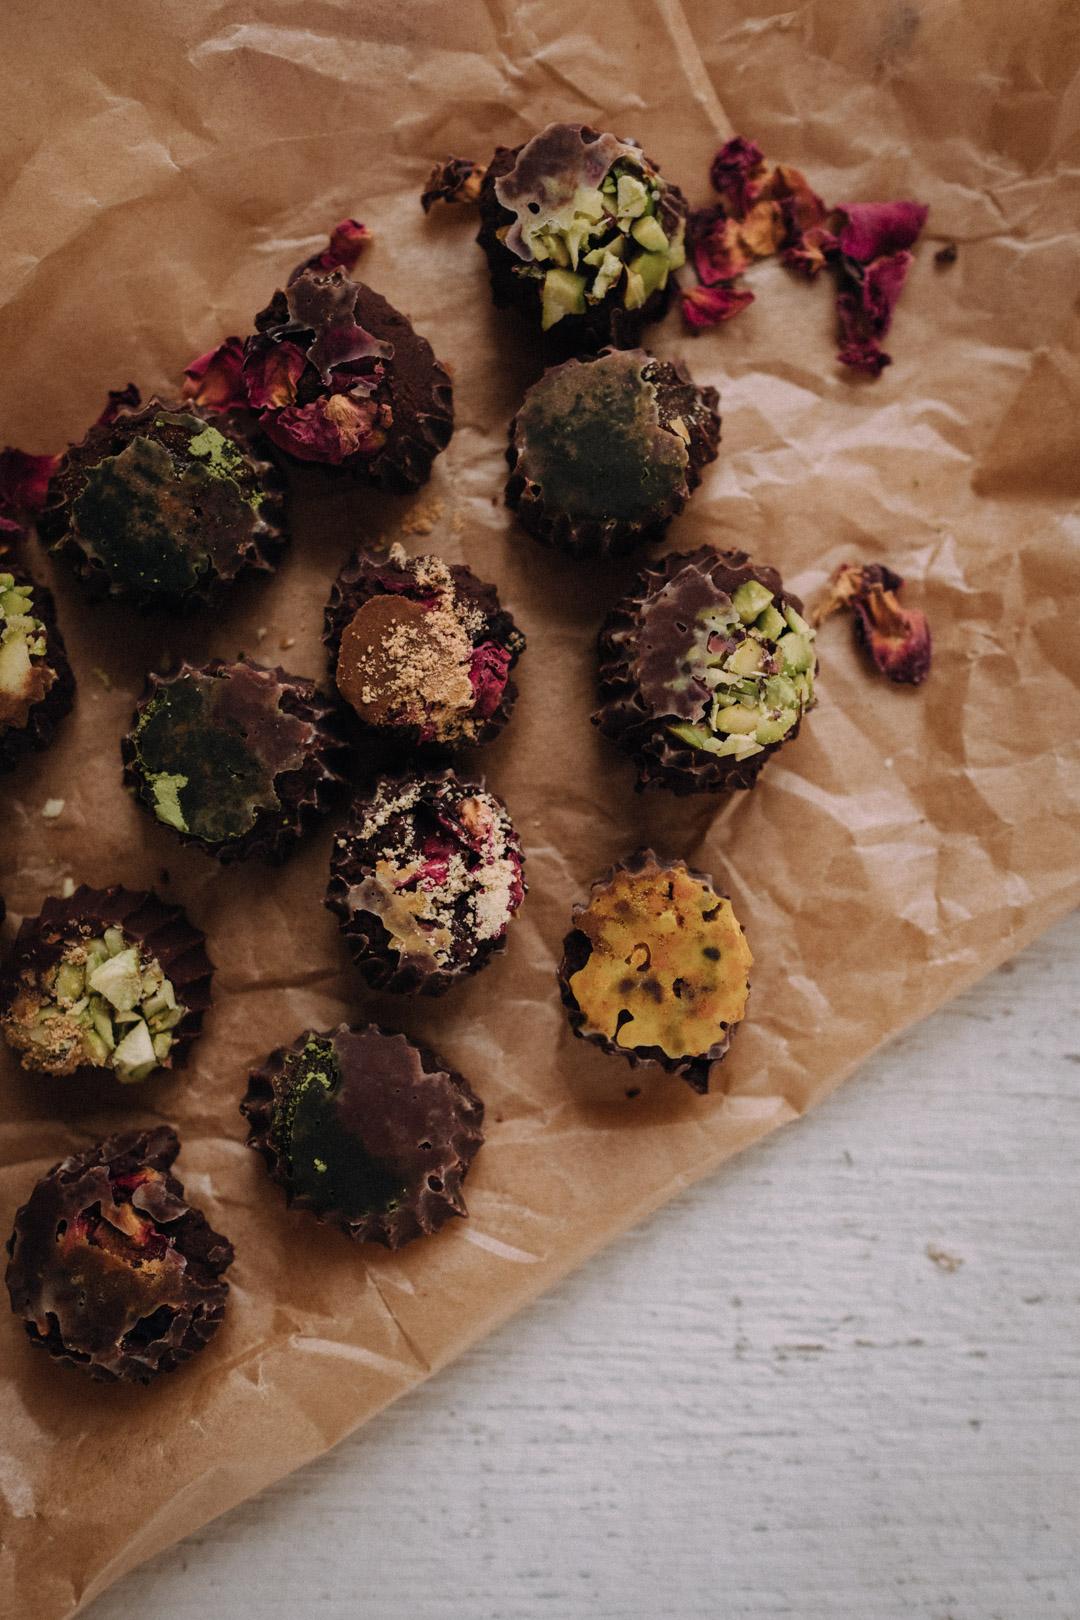 Si vous voulez préparer une petite attention pour jeudi for that someone speciaaal, - j'ai envoyé 3 propositions dans la newsletter, dont celle-ci. Ce sont les petits chocolats du livret de recettes adaptogéniques. Pour jeudi, je les ferais avec du schisandra, de la maca et des pétales de rose. Une fois le chocolat fondu, mélangez le schisandra et la maca directement au chocolat avant de le verser dans les moules. Et gardez les pétales de rose juste pour la déco.